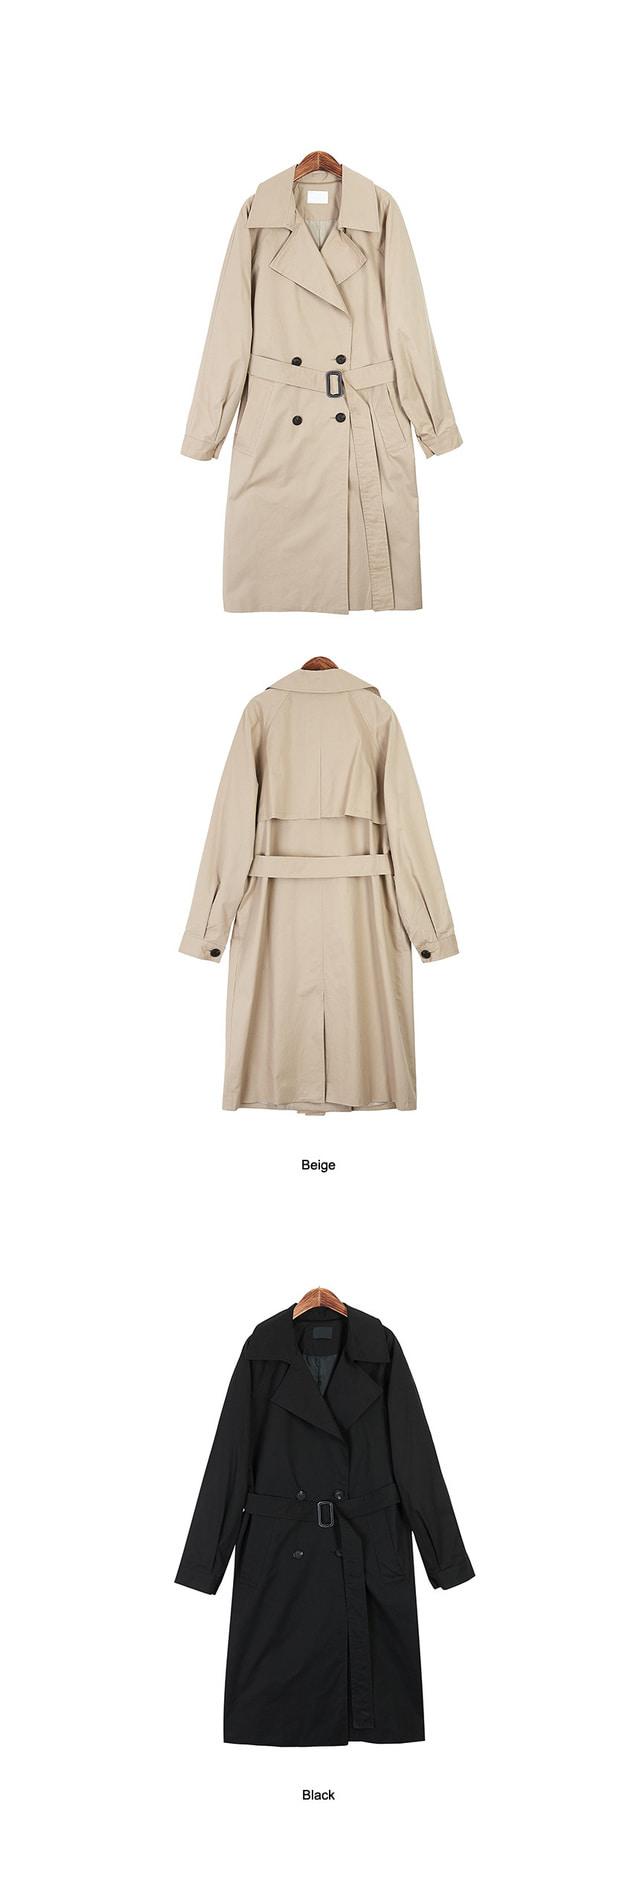 버킨 트렌치 코트